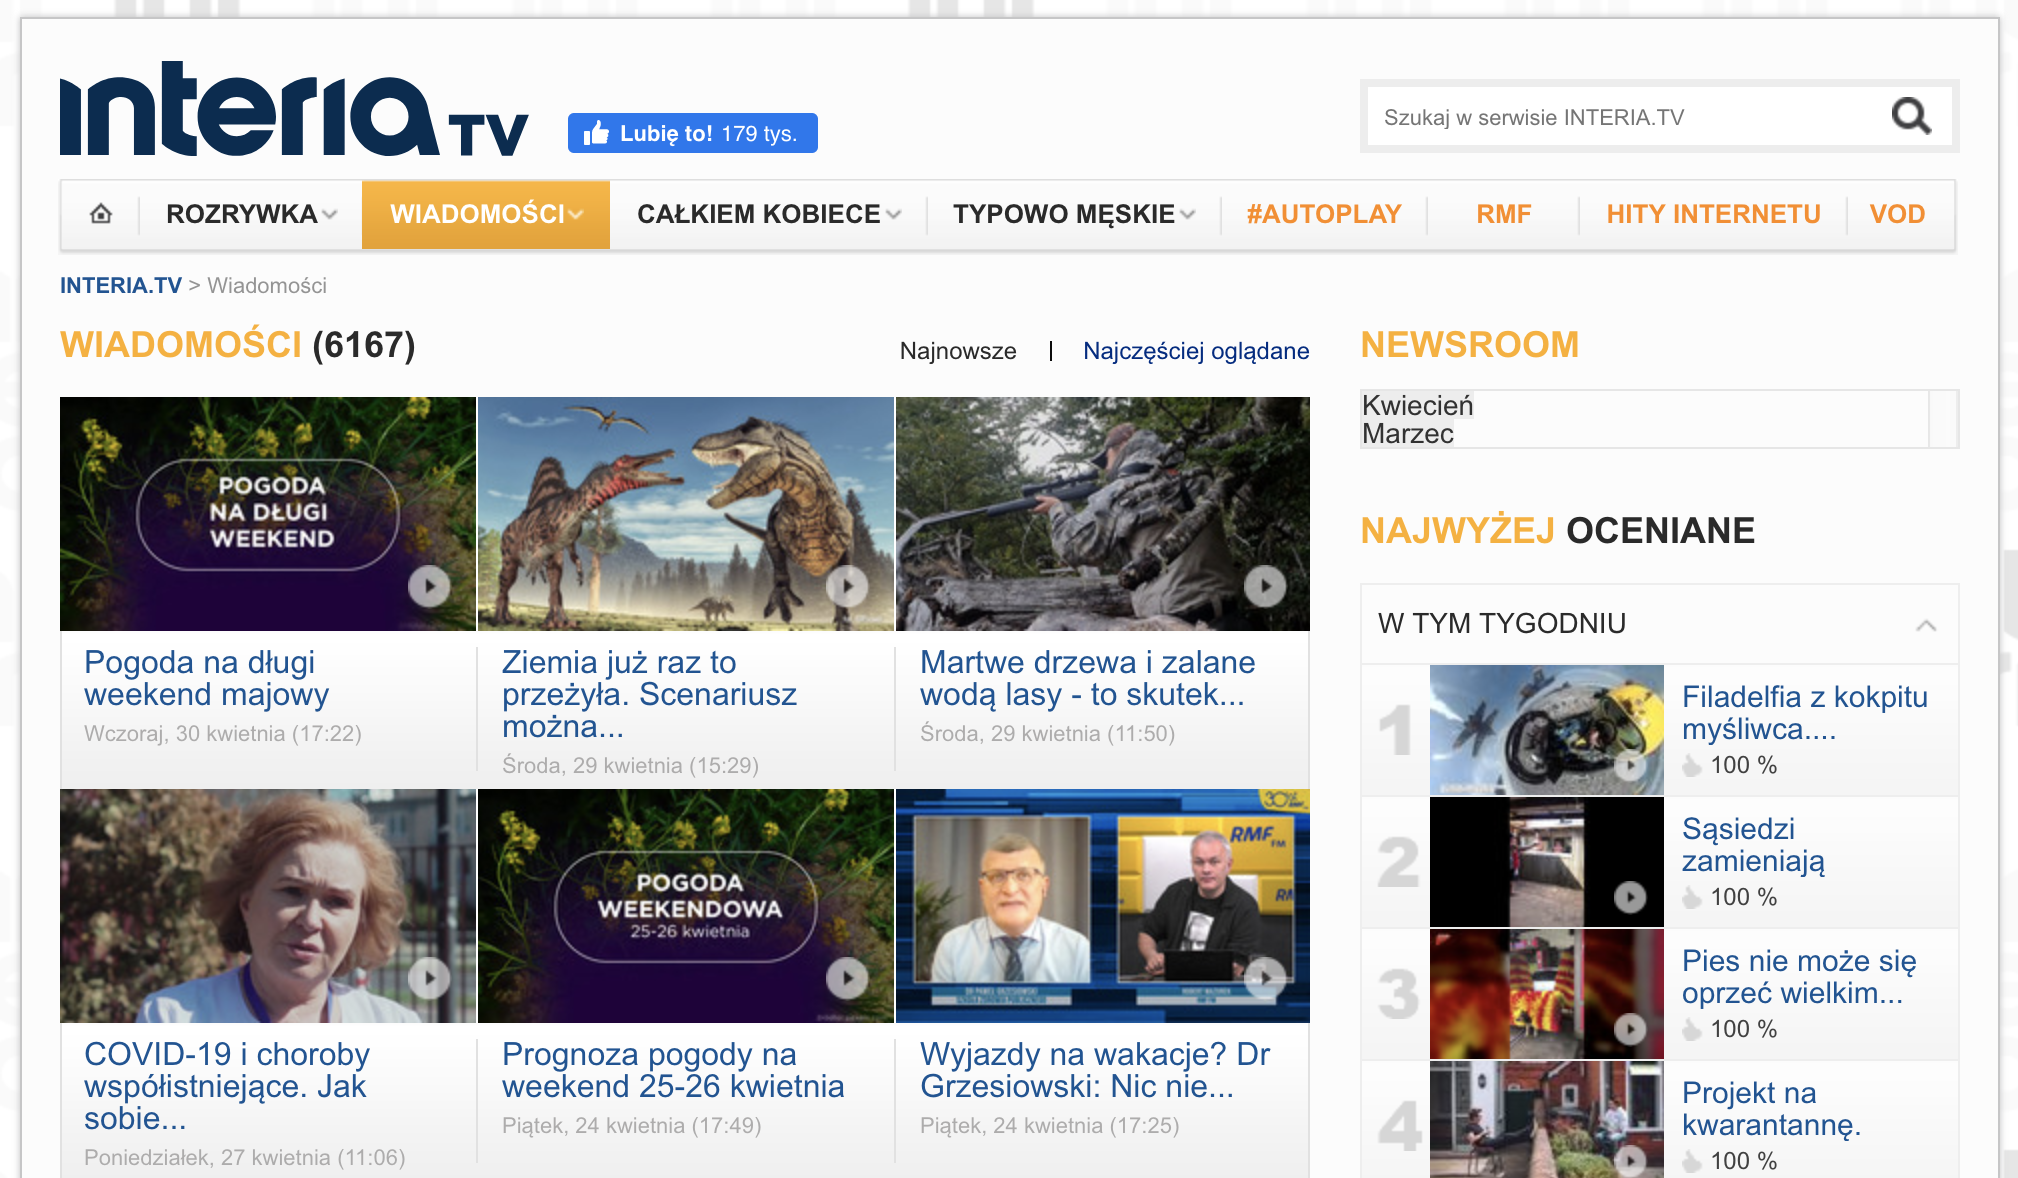 Polsat to acquire Polish web portal Interia